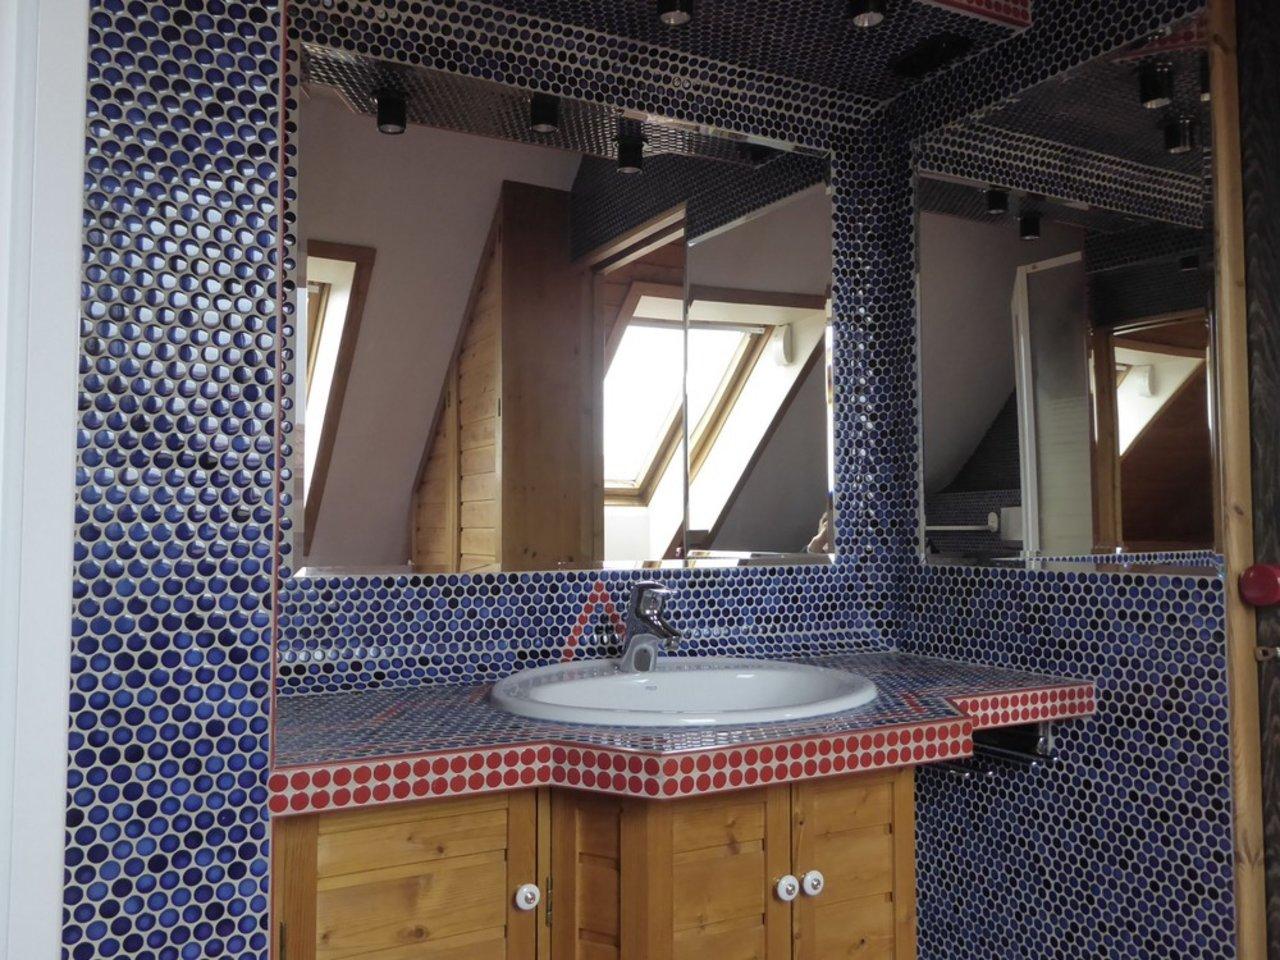 Großzügige, gepflegte Wohnung mit sonniger Terrasse in Witzleben-Duschbad im DG